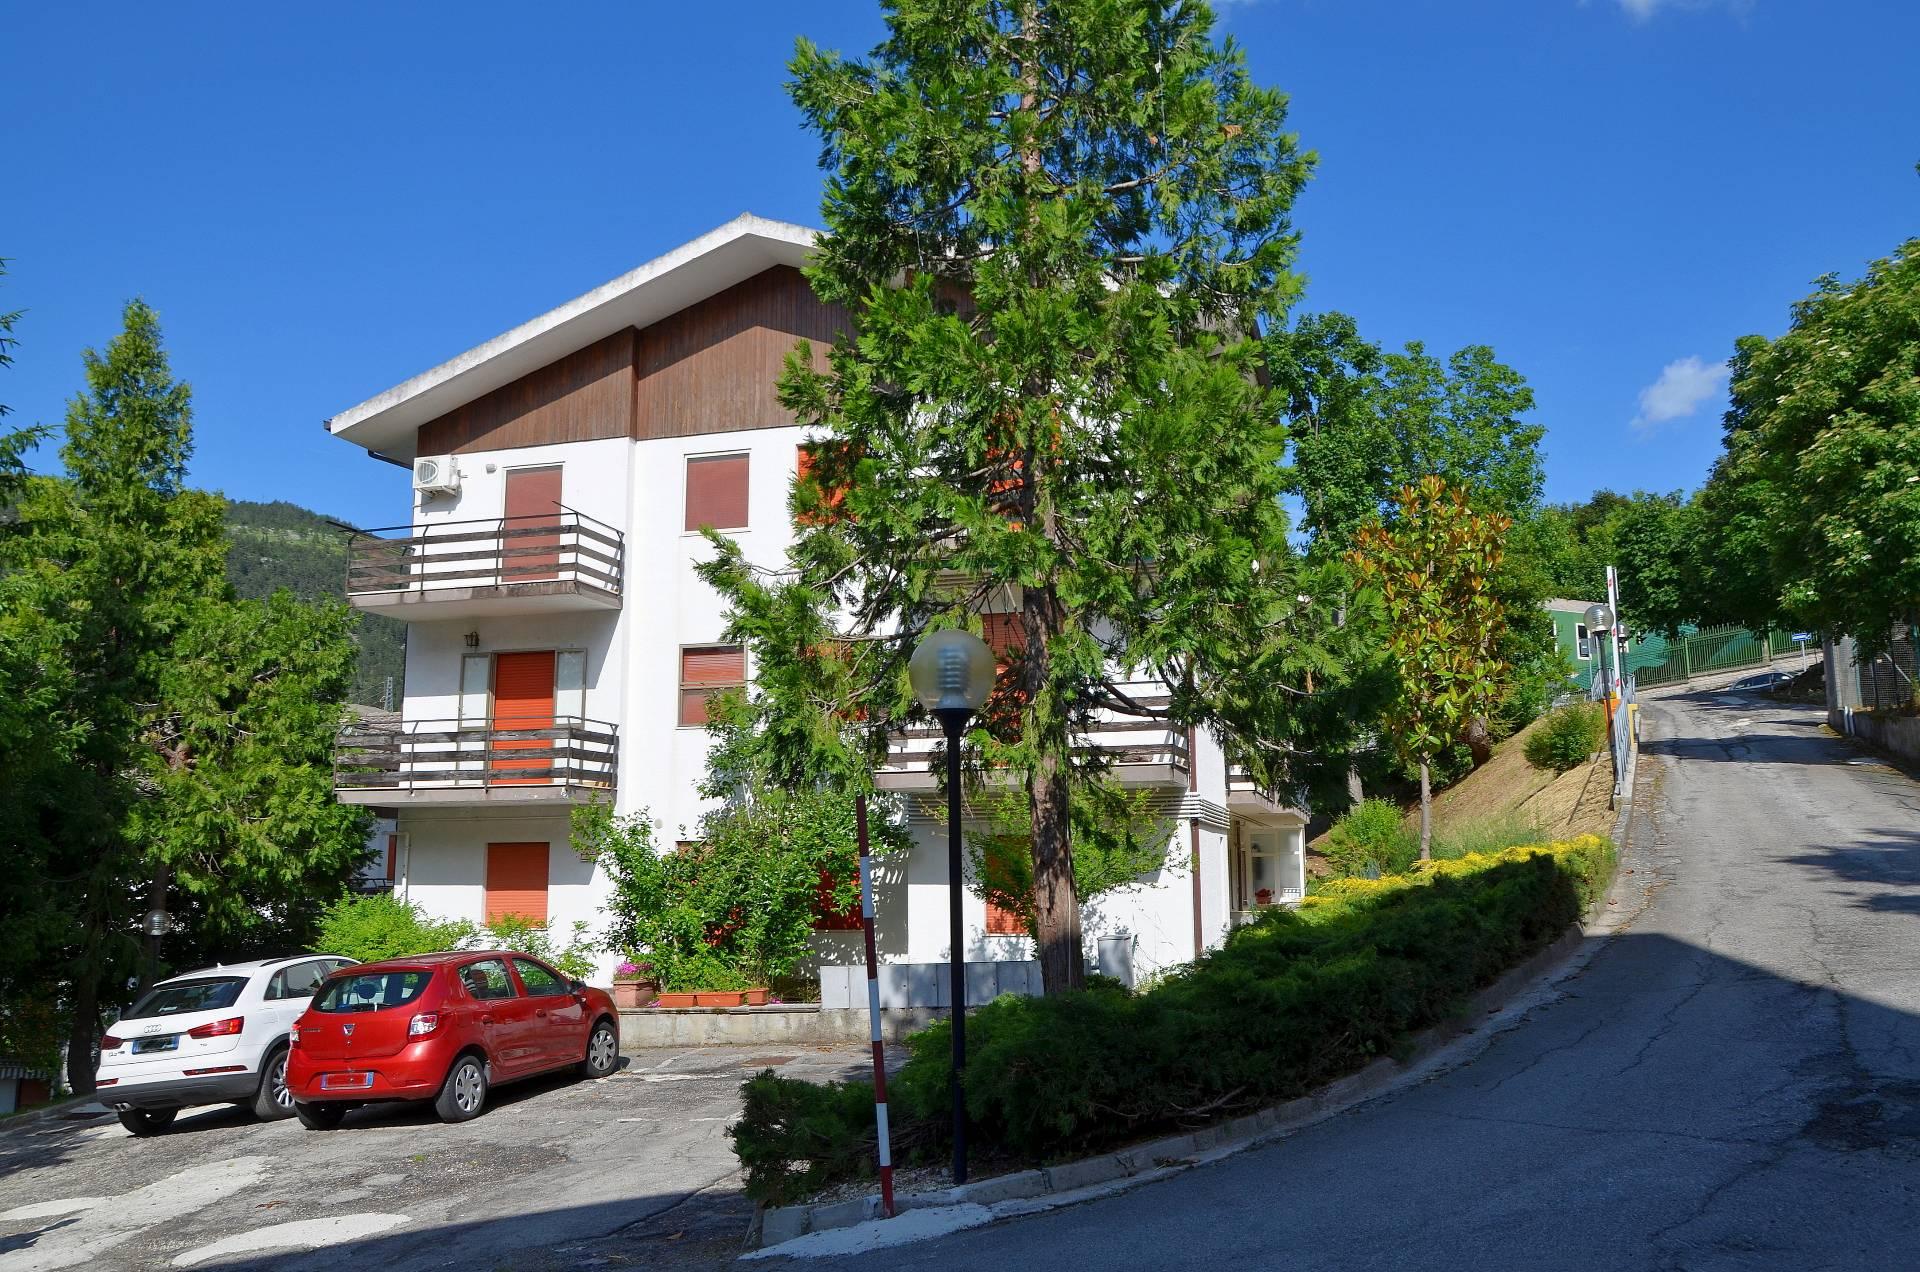 Appartamento in vendita a Caramanico Terme, 3 locali, prezzo € 73.000   CambioCasa.it